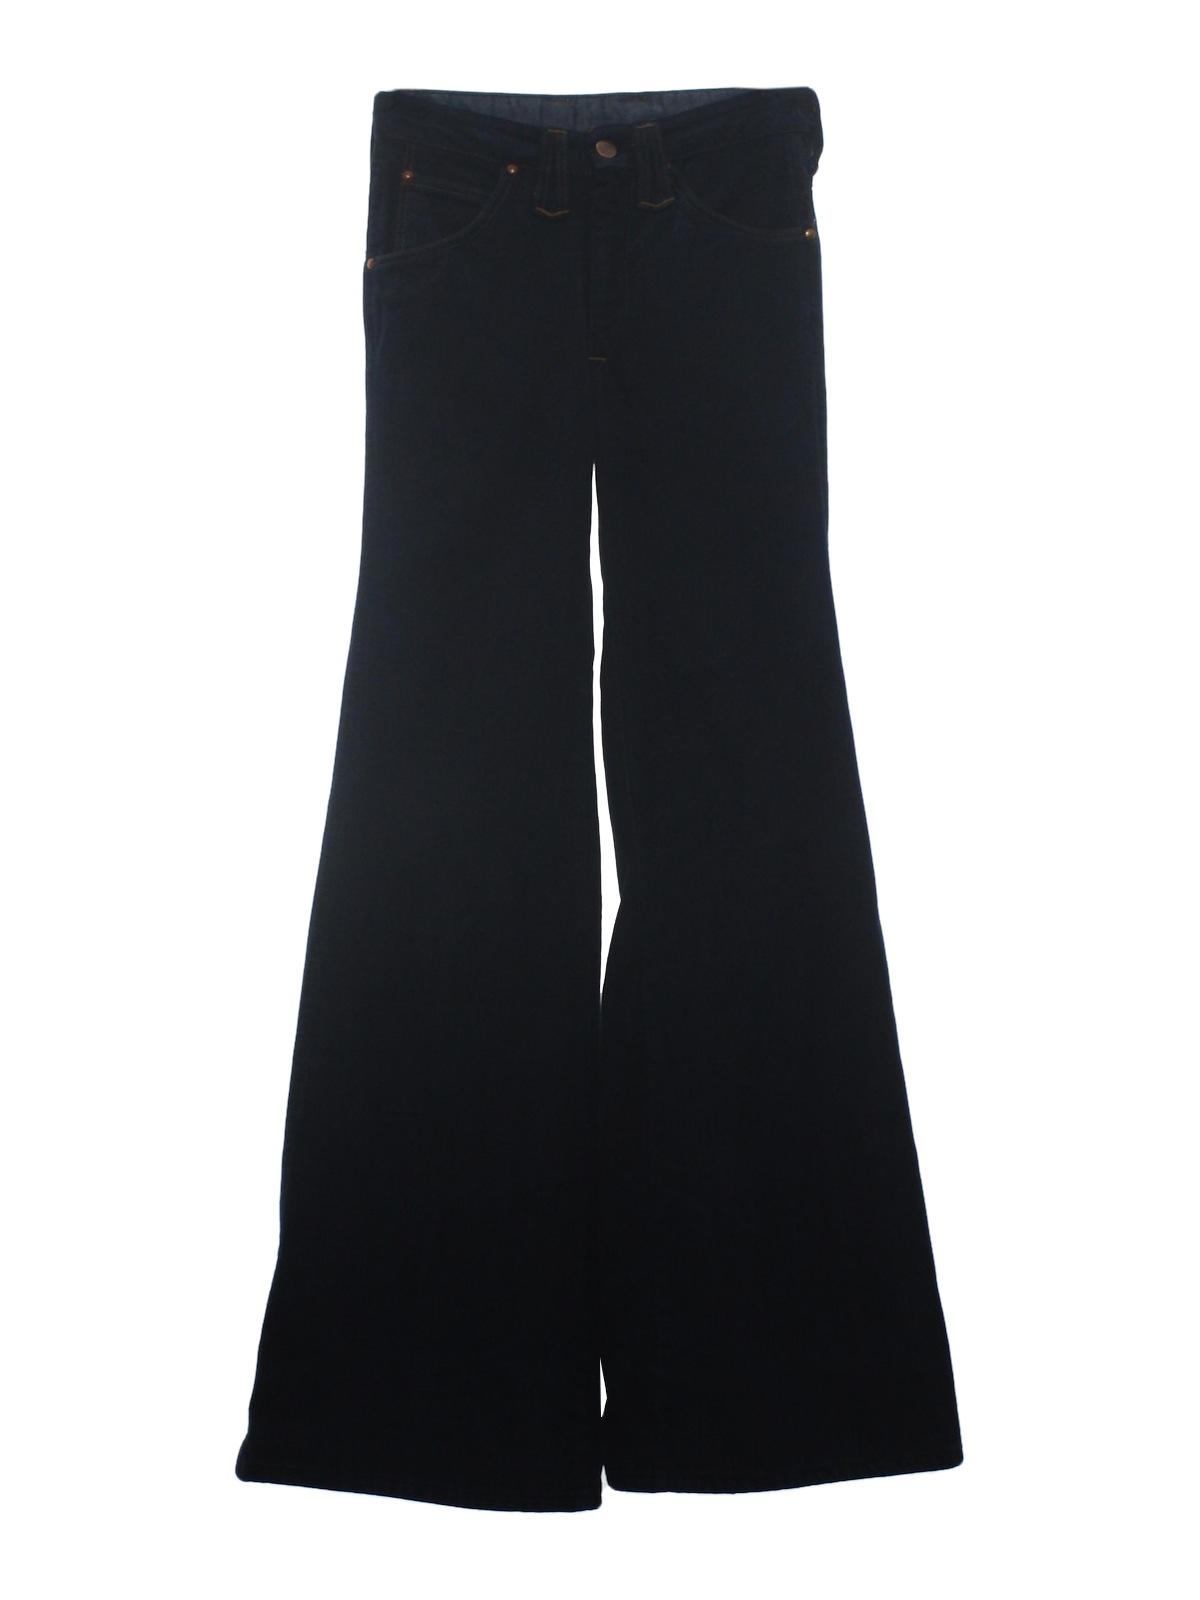 Mens Jeans 30 Waist 30 Leg